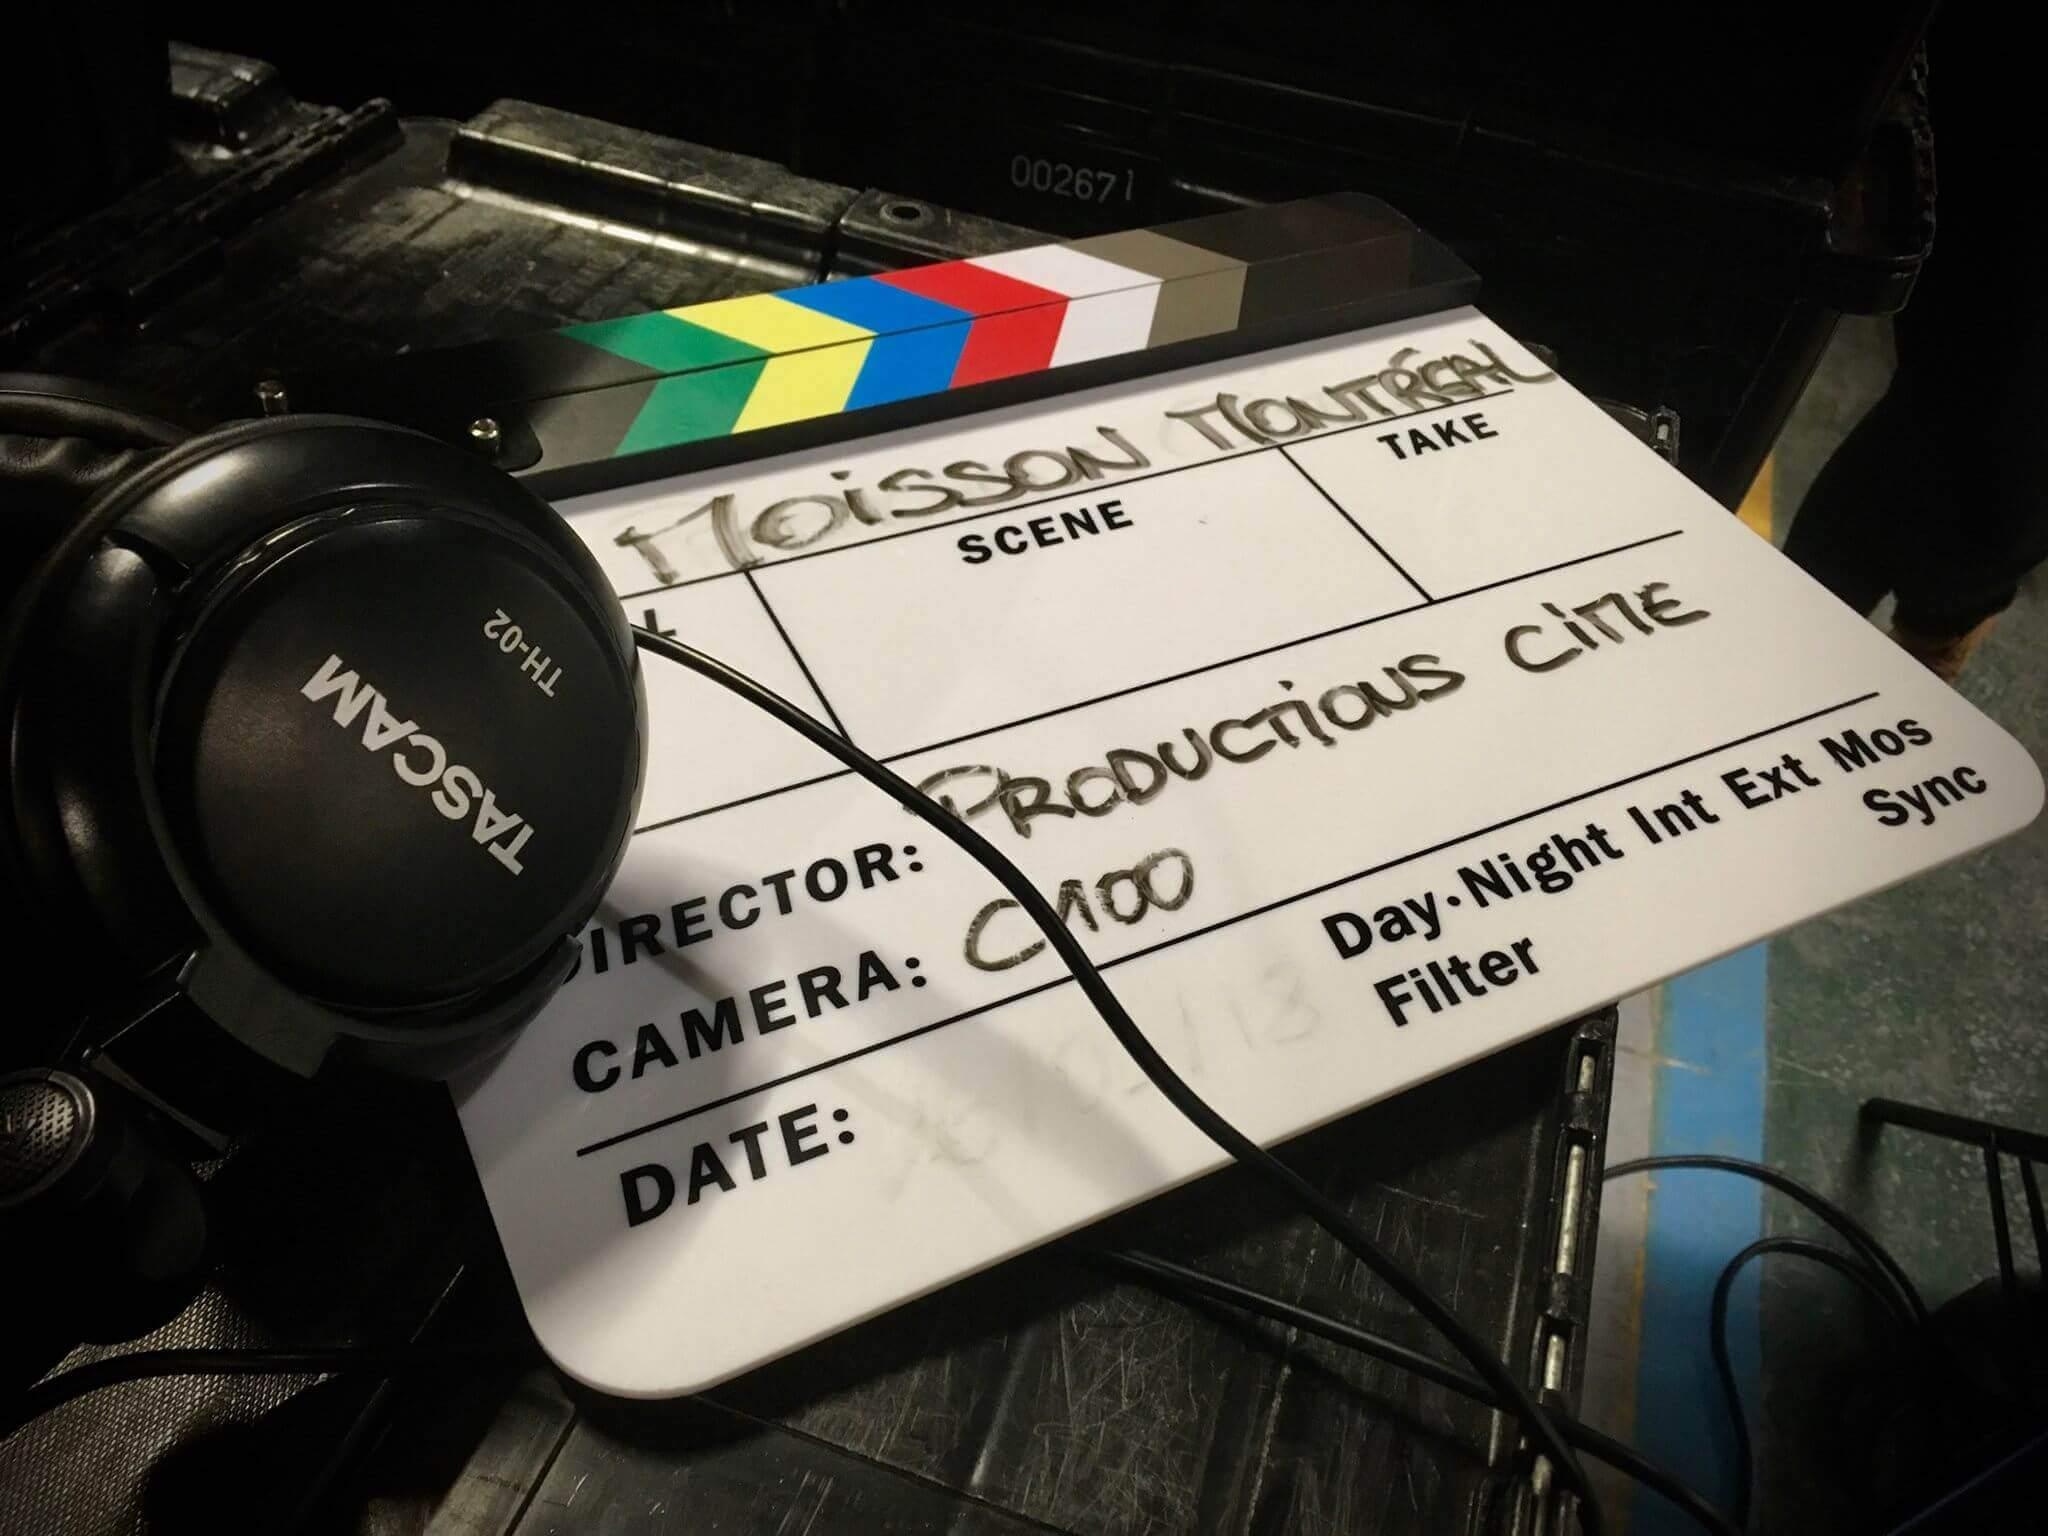 tournage corporatif Productions Cime